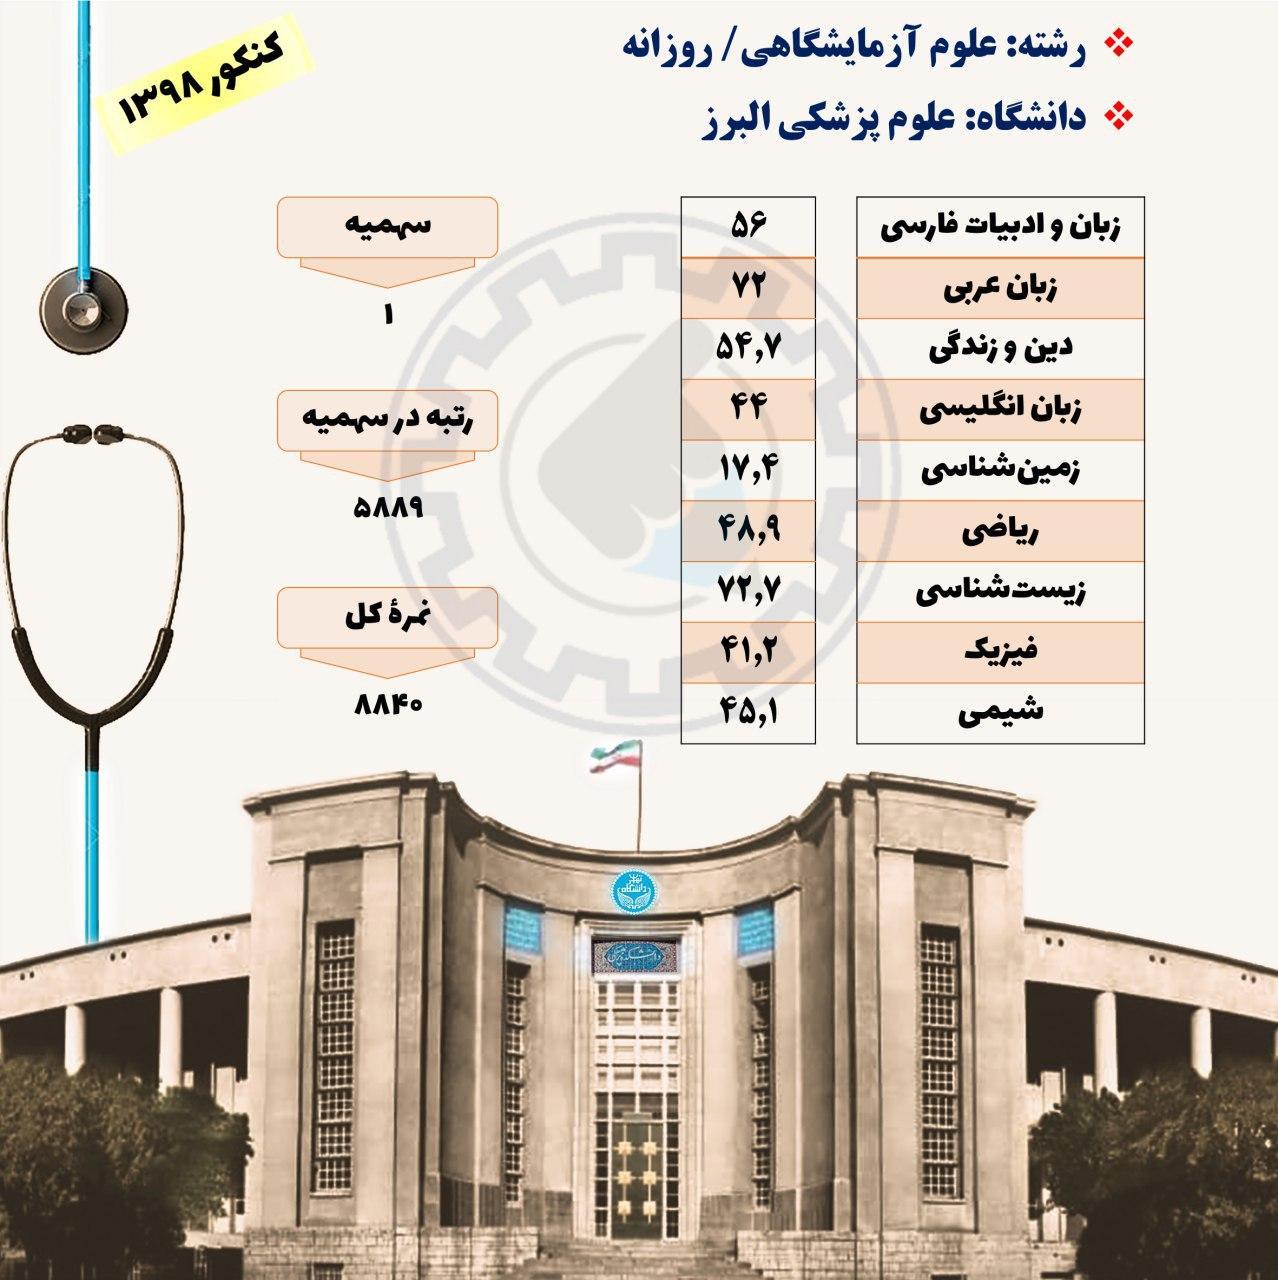 کارنامه قبولی در رشته علوم آزمایشگاهی دانشگاه علوم پزشکی البرز